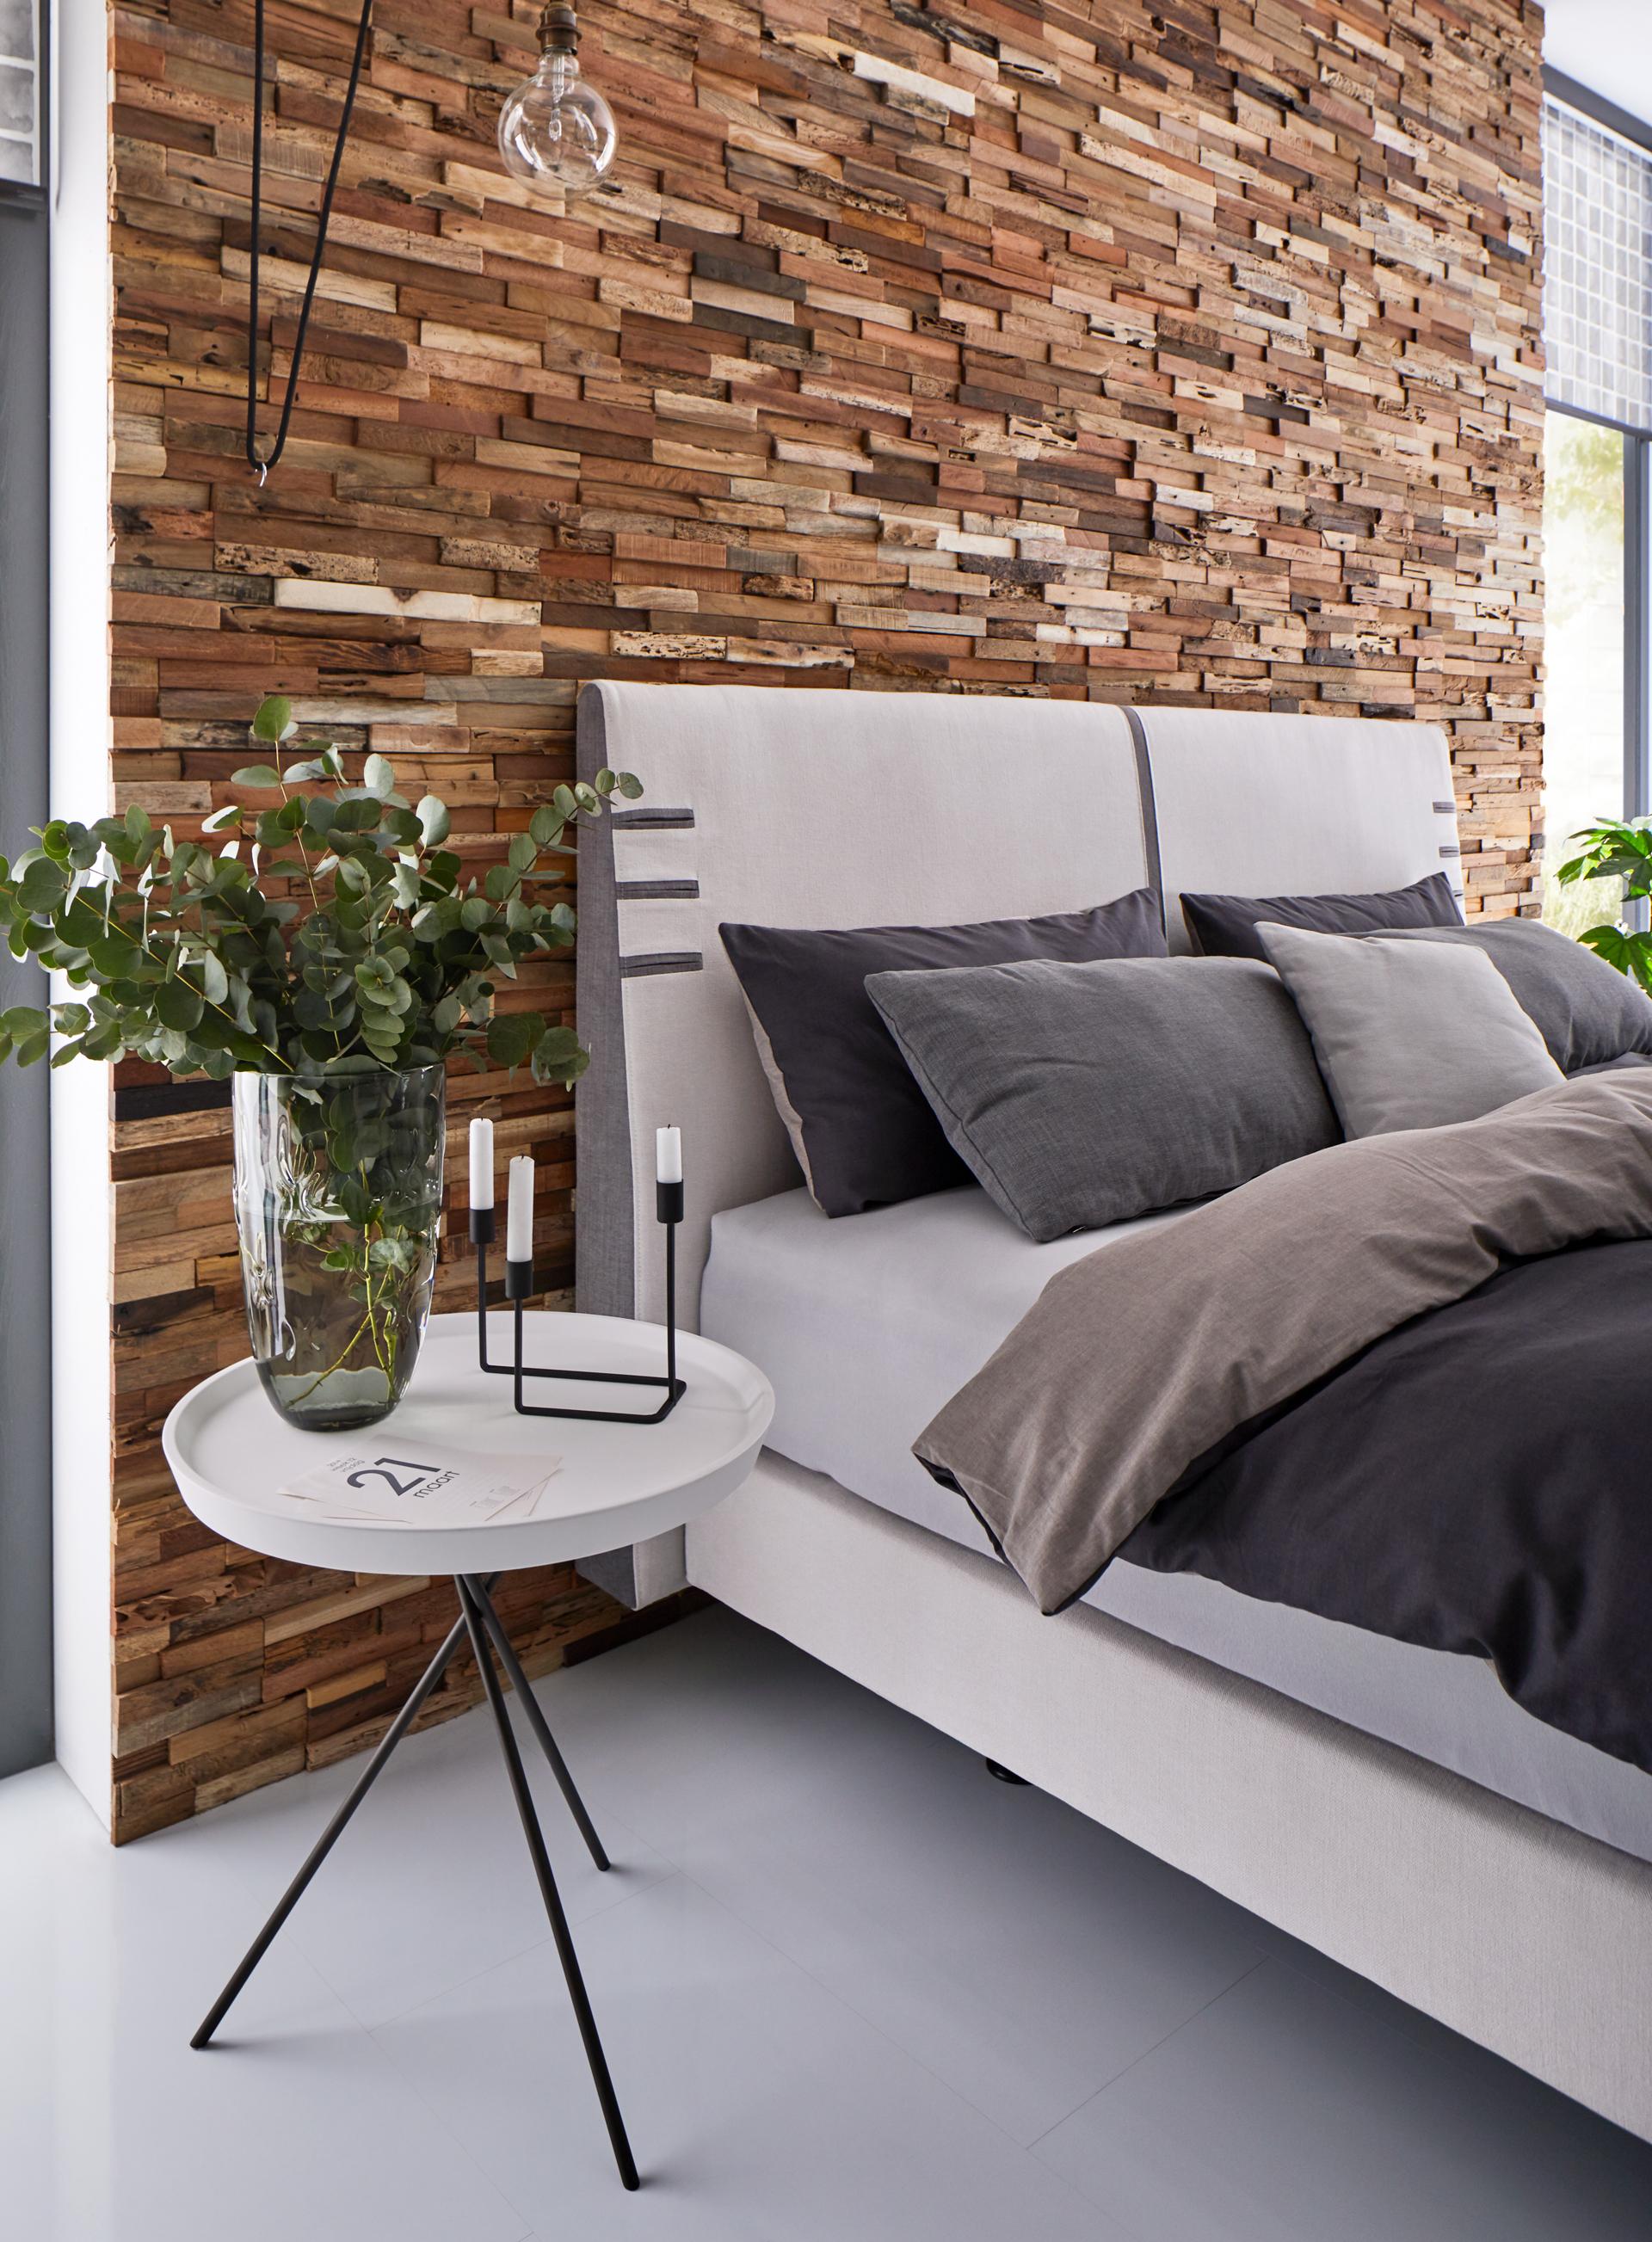 wege zum innenarchitekten neue wege architekten in ungewhnlichen berufsfeldern viele wege. Black Bedroom Furniture Sets. Home Design Ideas